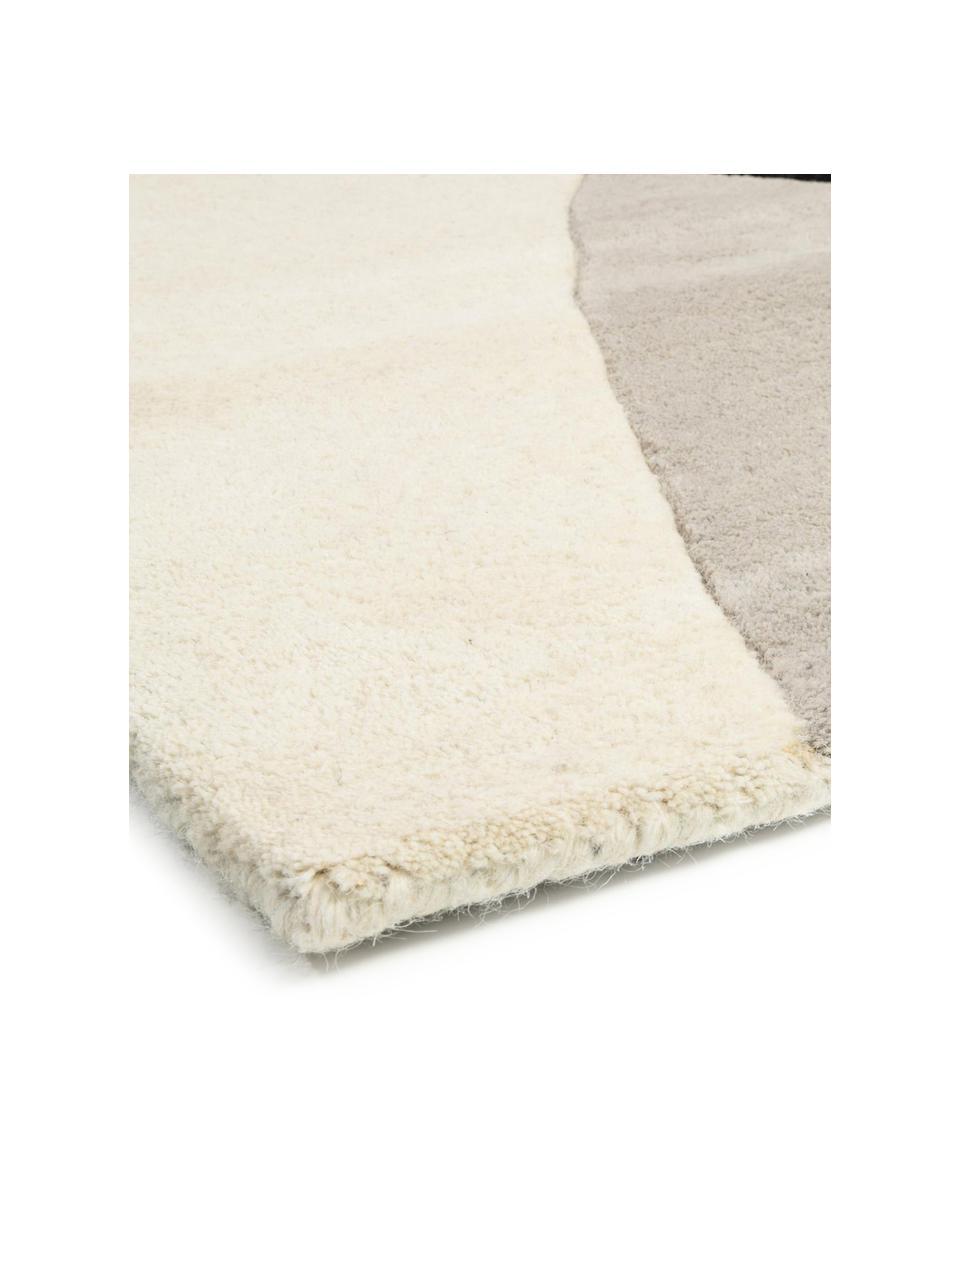 Tappeto in lana taftato a mano con motivo geometrico Matrix Arc, Retro: 100% cotone Nel caso dei , Tonalità beige, rosa, grigio chiaro, nero, Larg. 160 x Lung. 230 cm (taglia M)